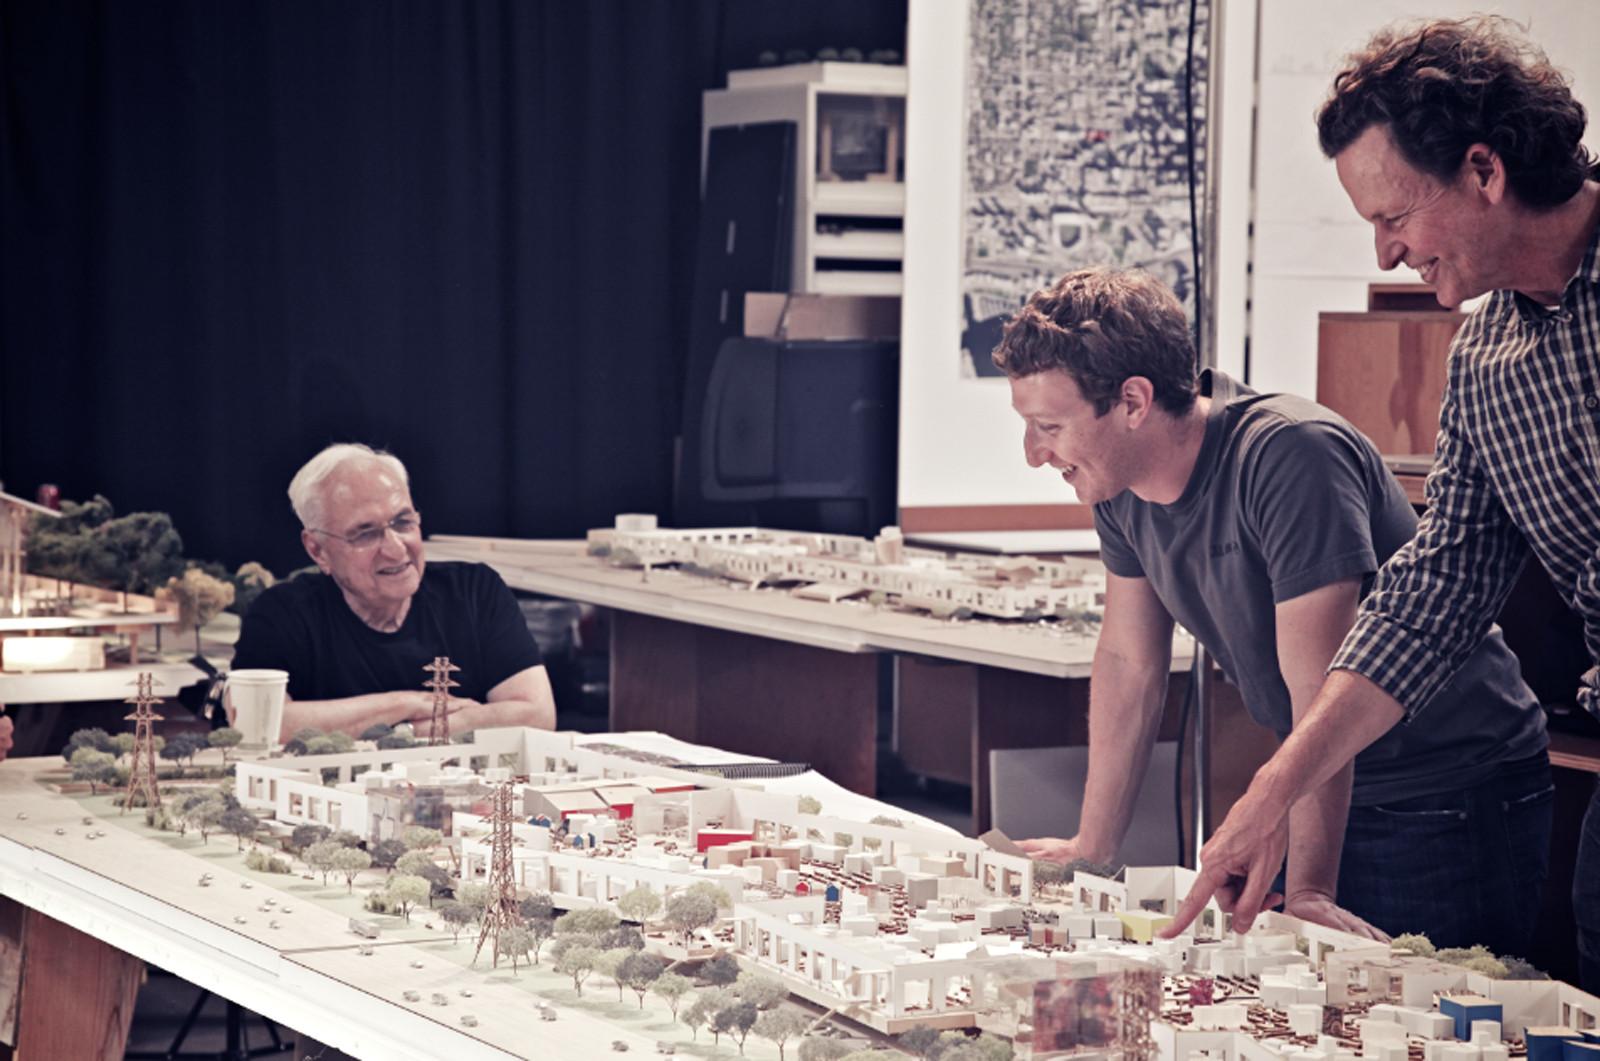 Bilbao: Frank Gehry asistirá a inicio de obras del puente que llevará su nombre, Frank Gehry con Mark Zuckerberg. Image © 準建築人手札網站 Forgemind ArchiMedia [Flickr]